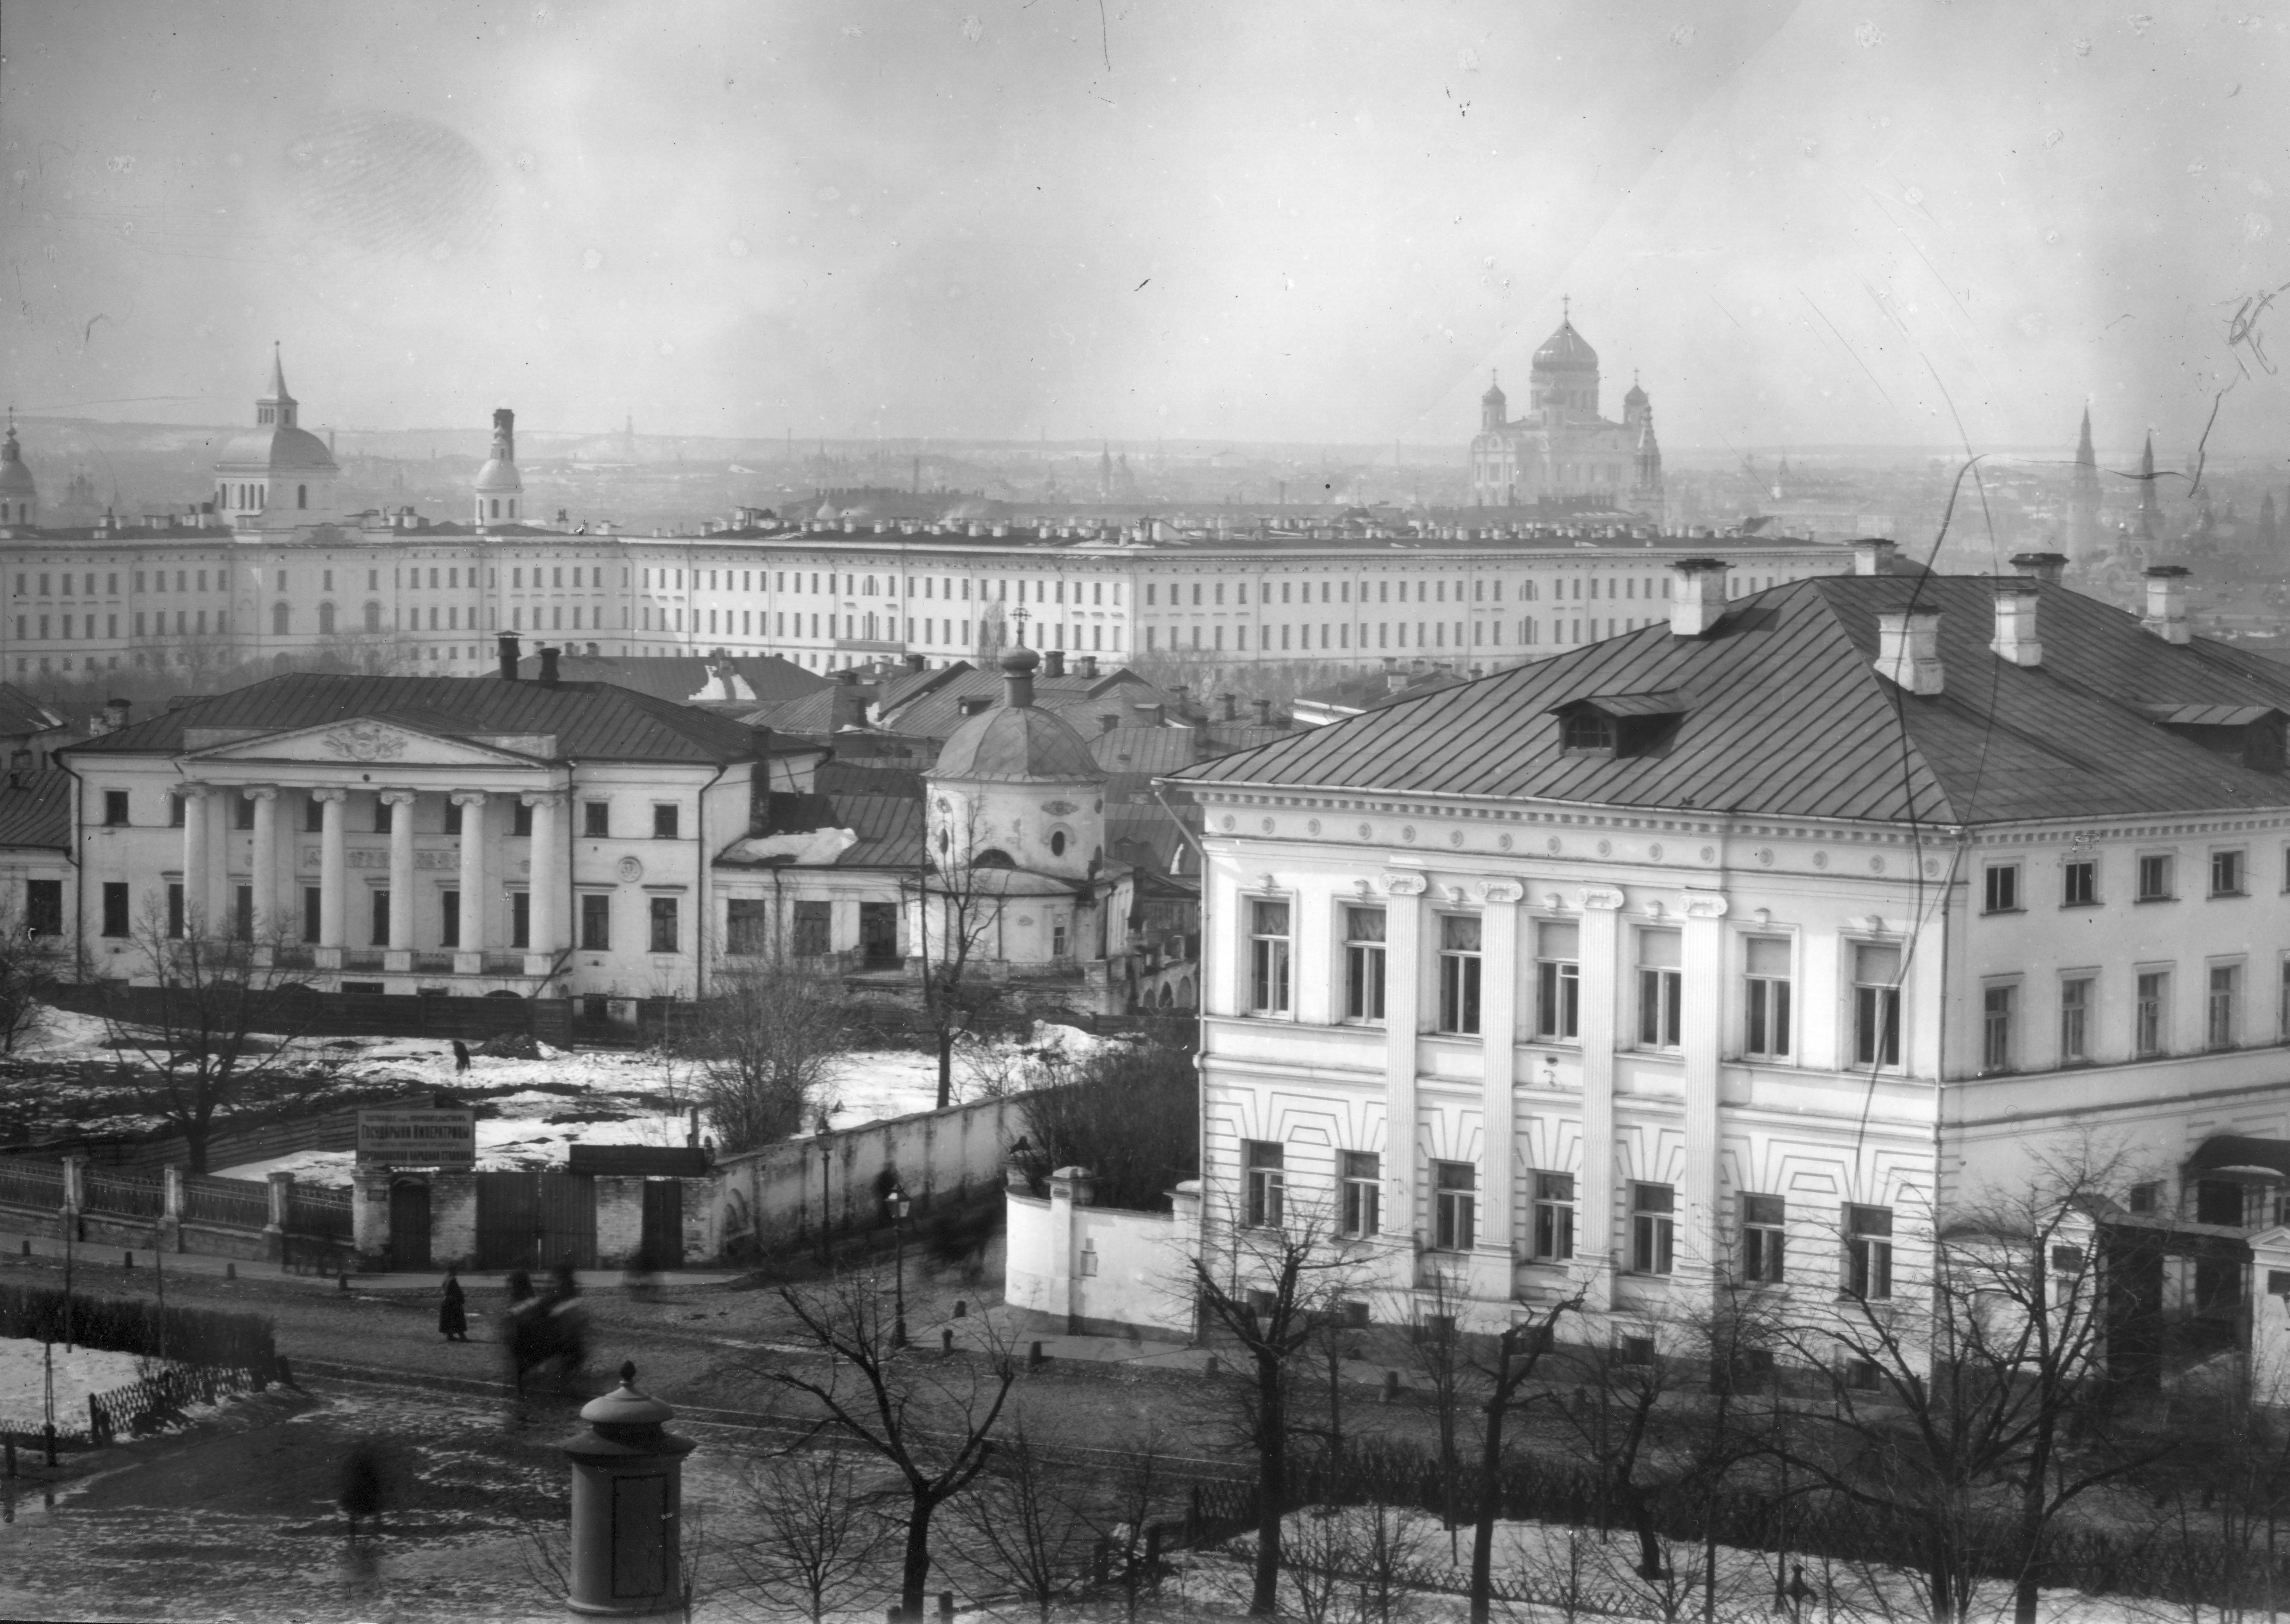 Вил из окна Практической академии на Воспитательный дом и храм Христа Спасителя. 26.3.1899